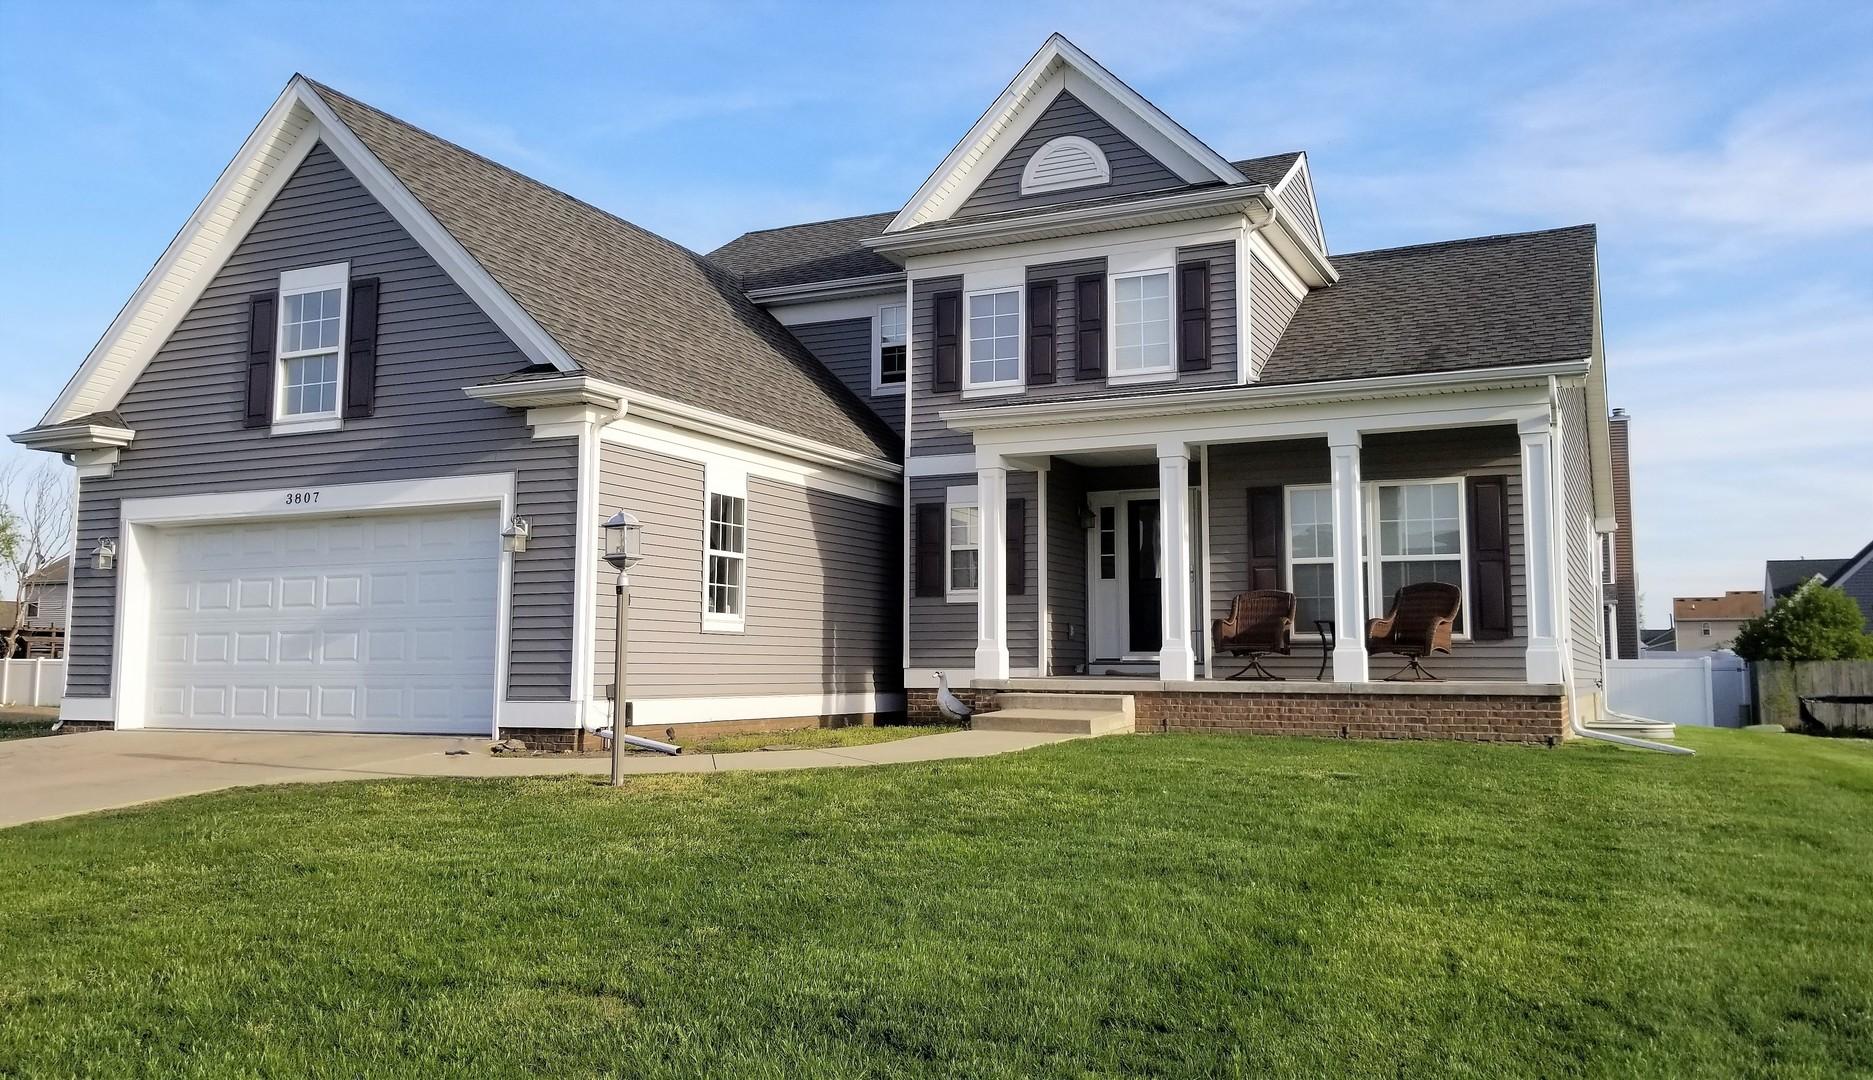 3807 BOULDER RIDGE Drive, Champaign in Champaign County, IL 61822 Home for Sale